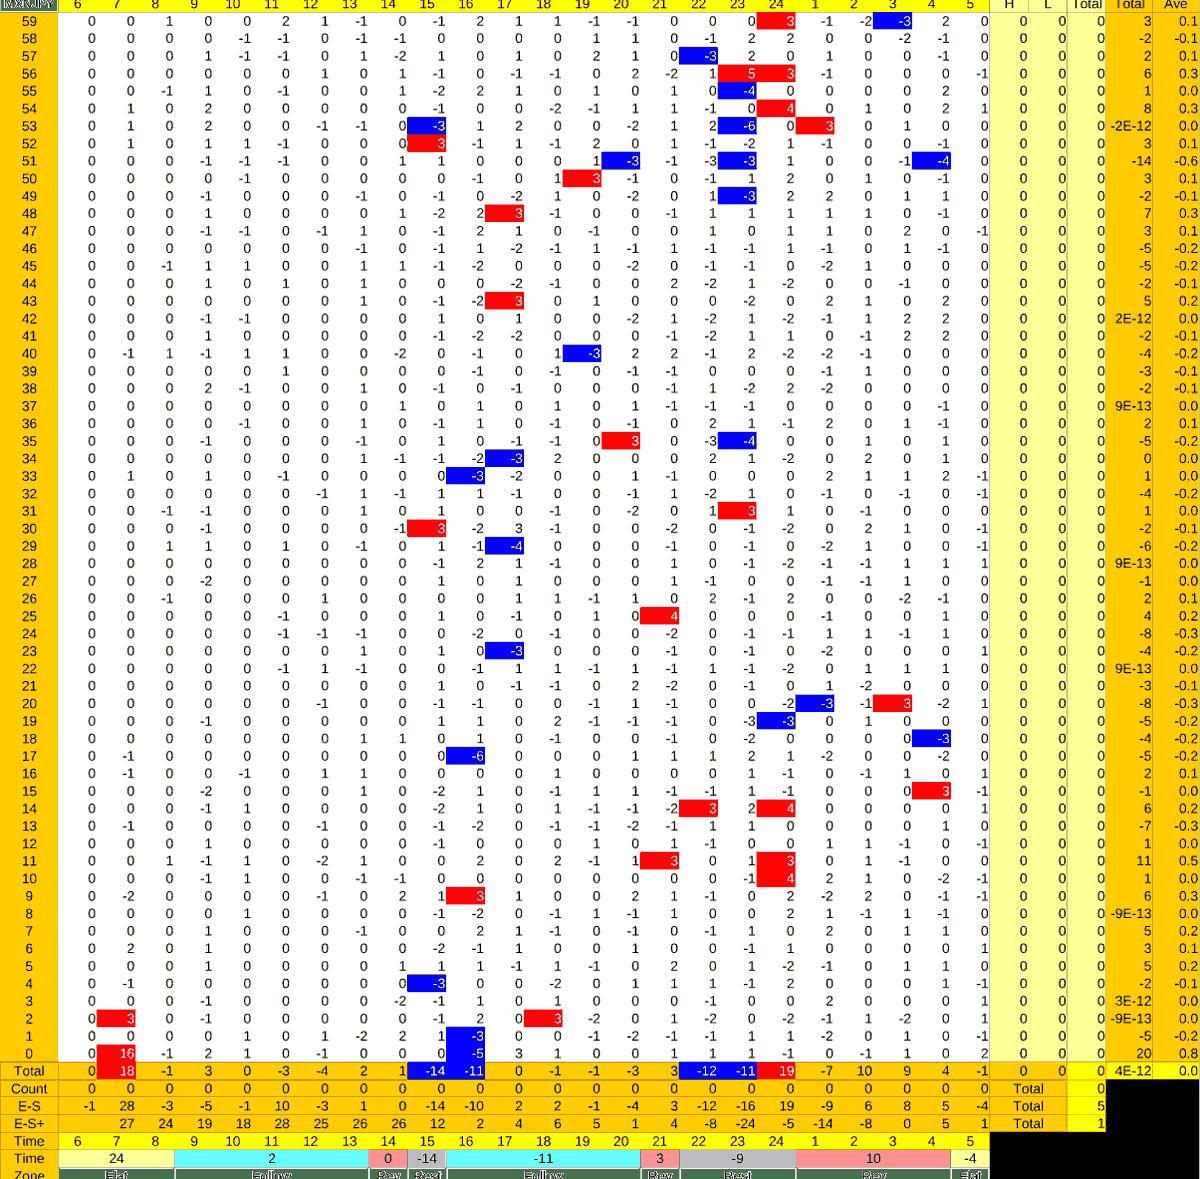 20211004_HS(3)MXNJPY-min